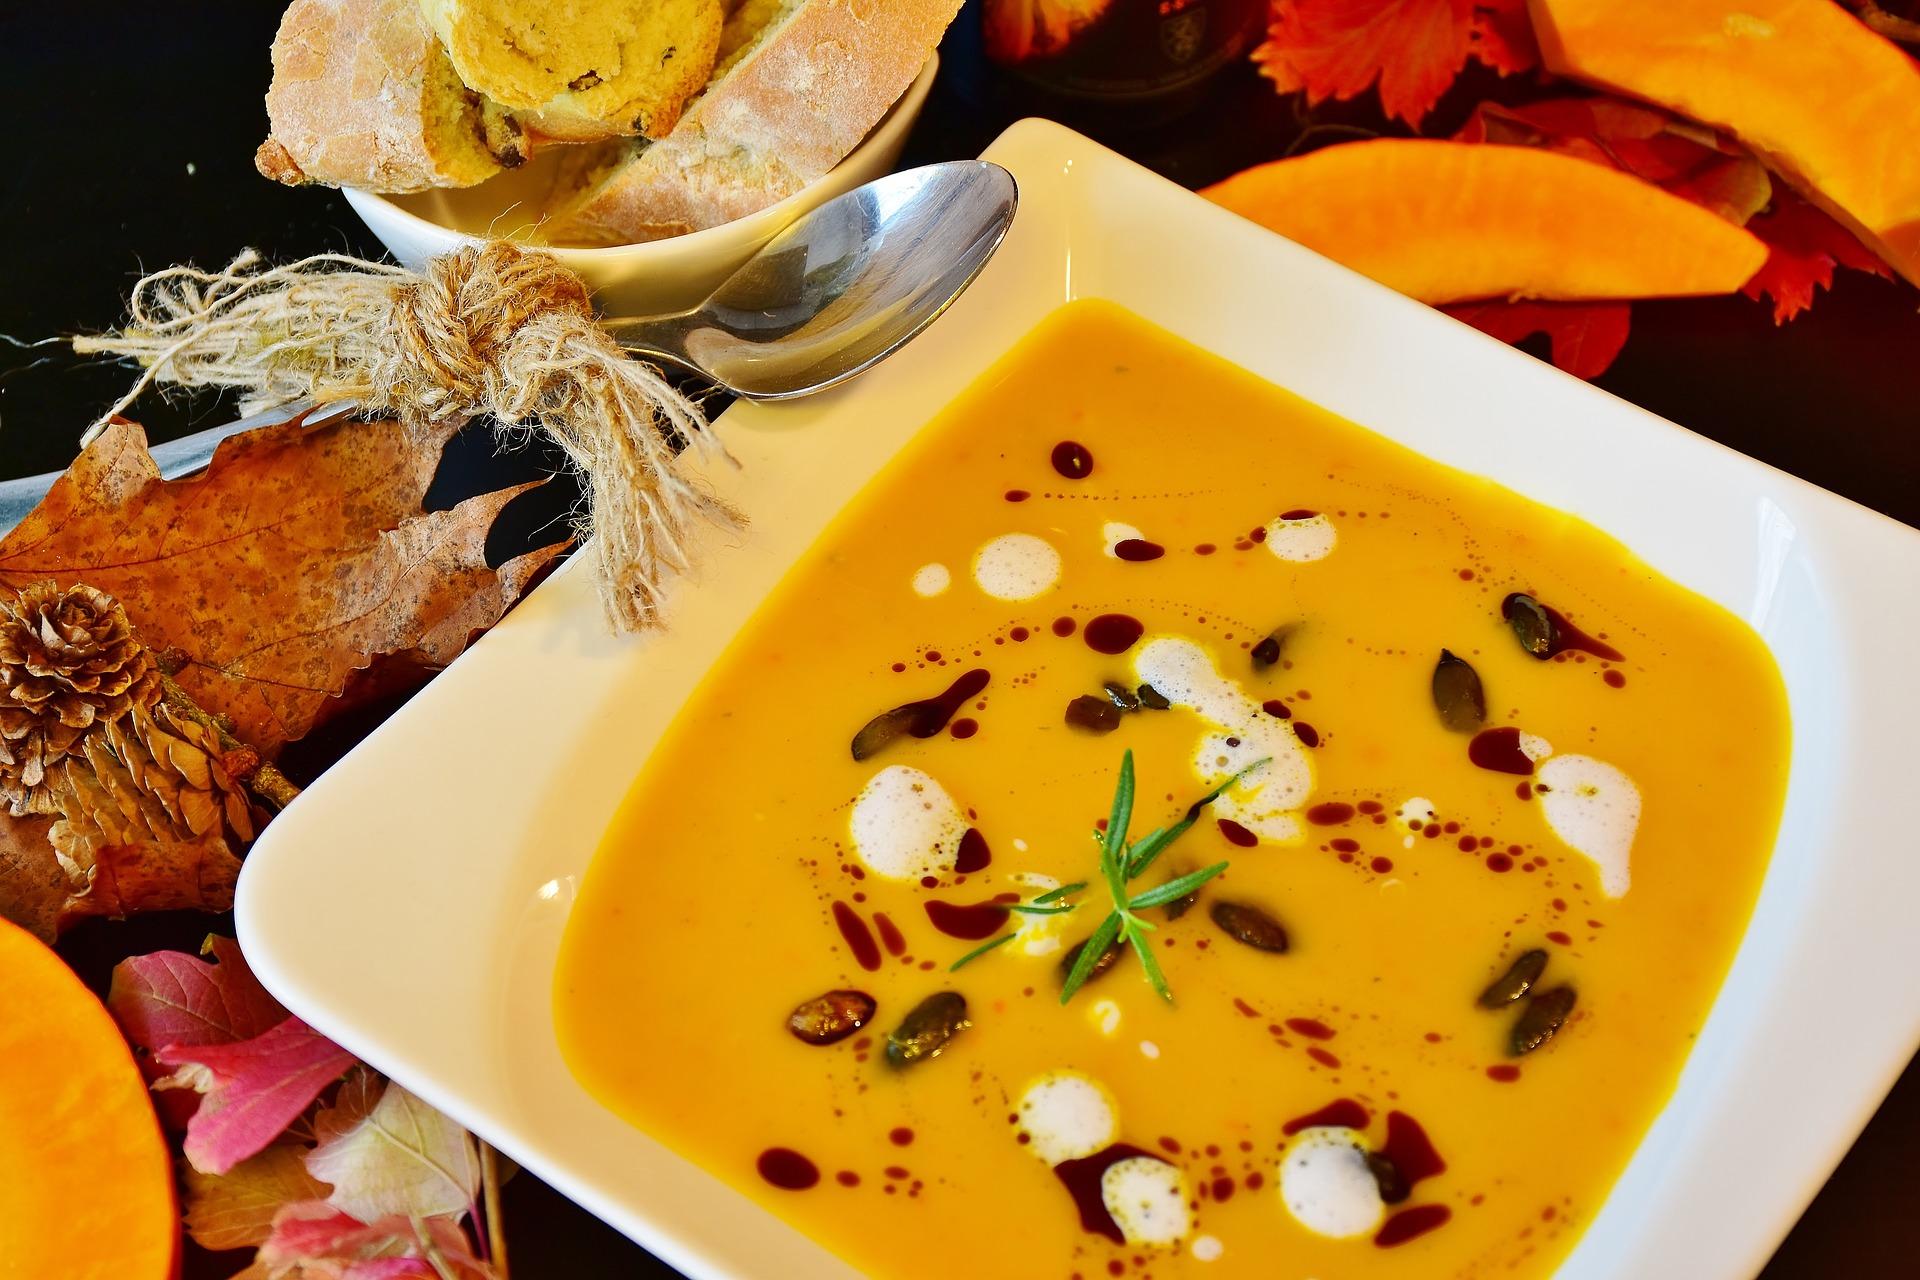 Neue gluschtige Herbst-Speisekarte mit Wildspezialitäten ab 21.9.18